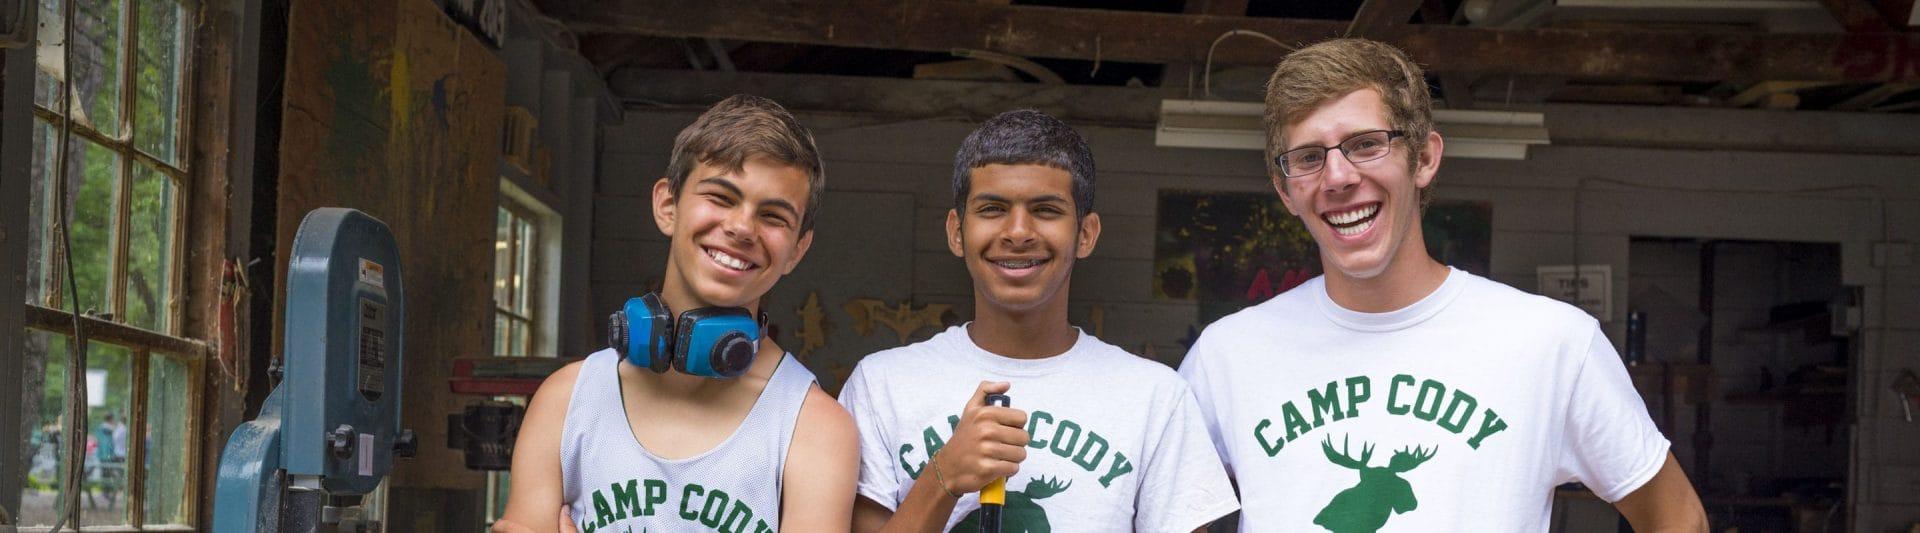 three guys smiling at the camera